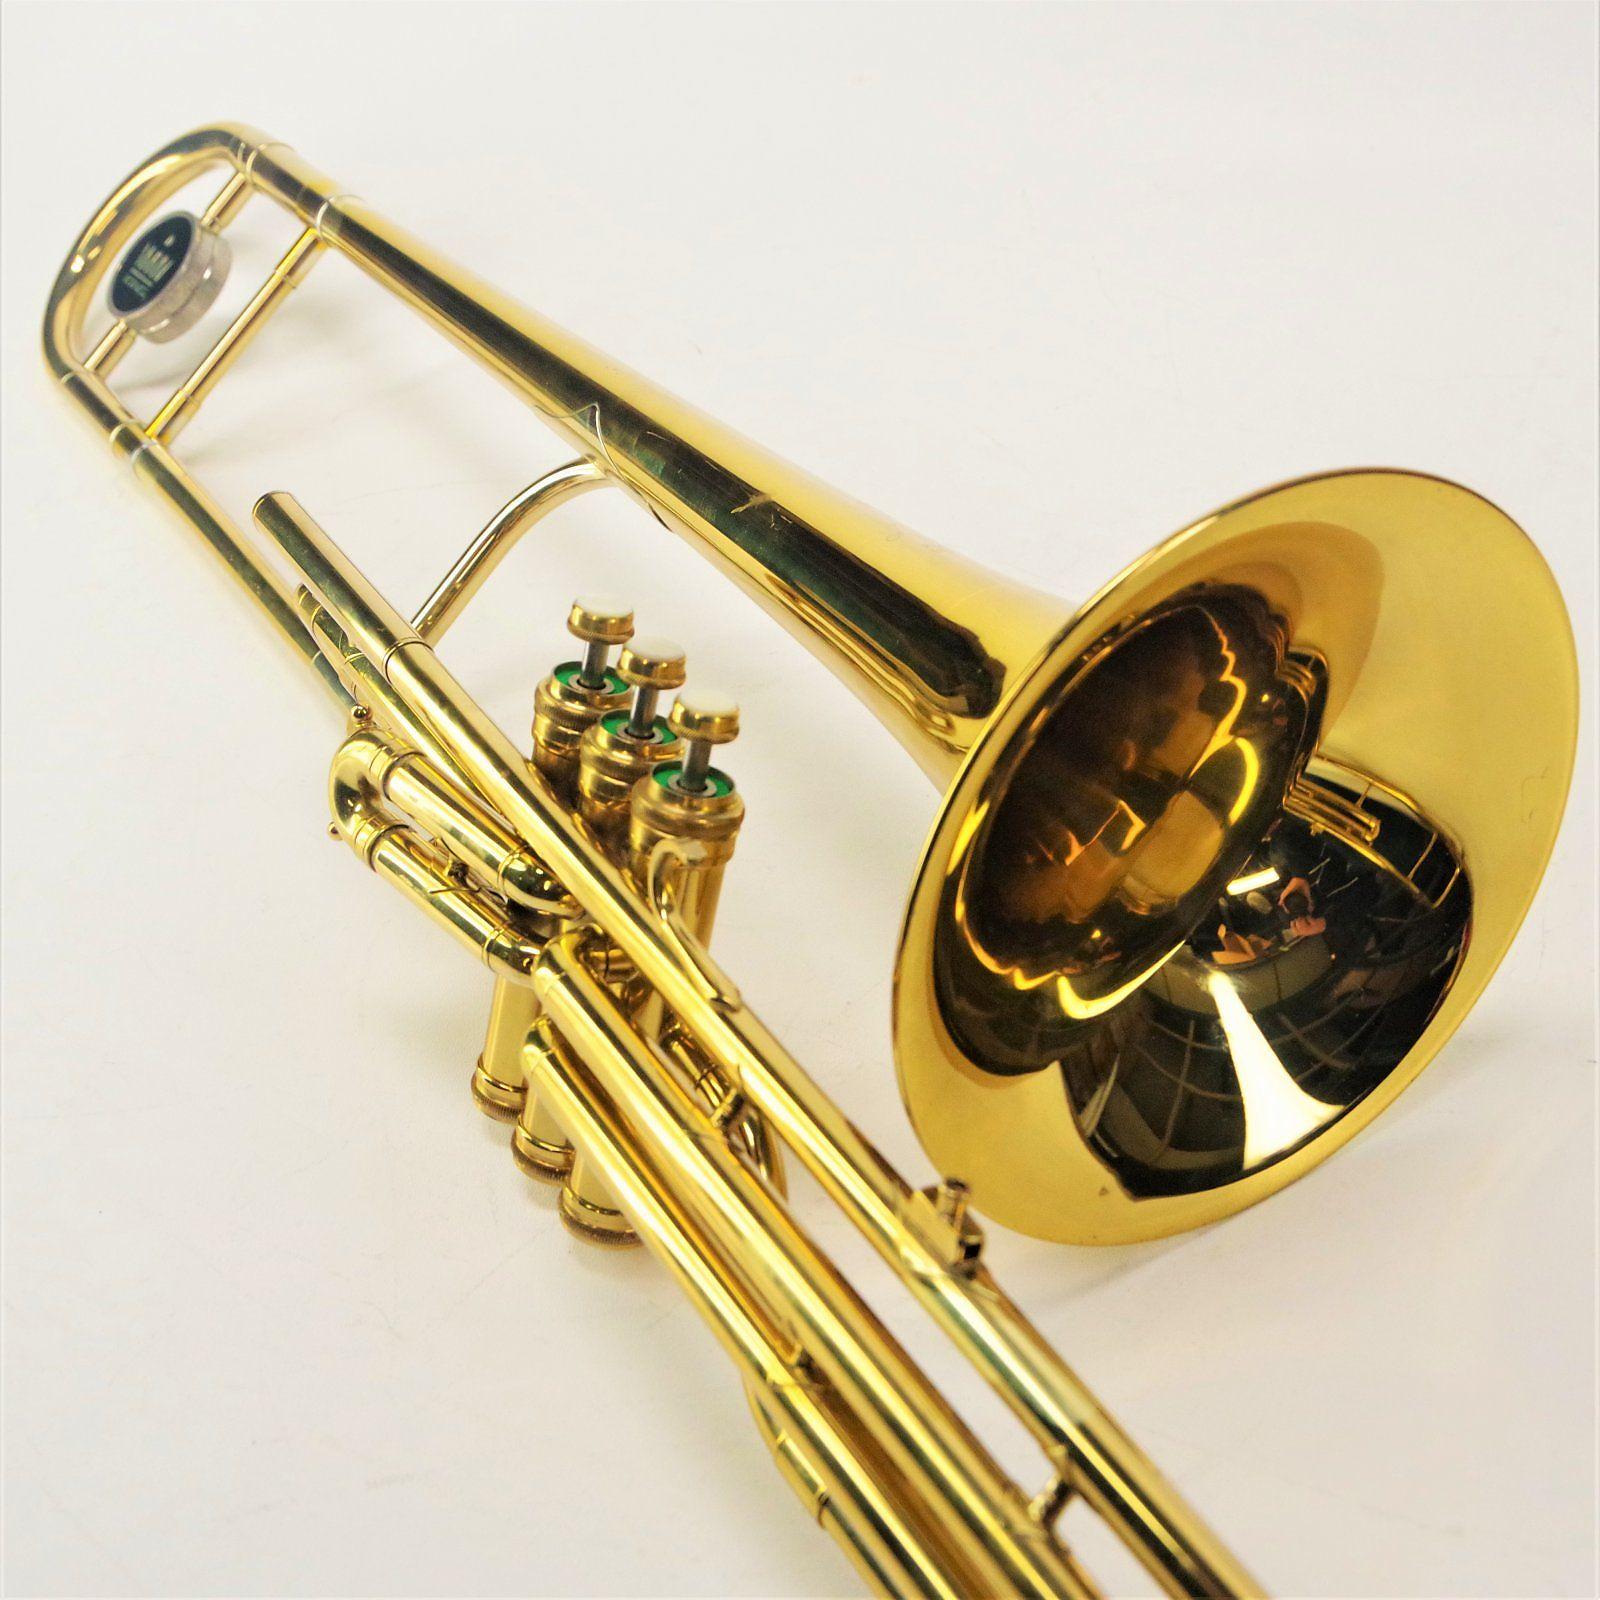 King Liberty 2B Valve Trombone